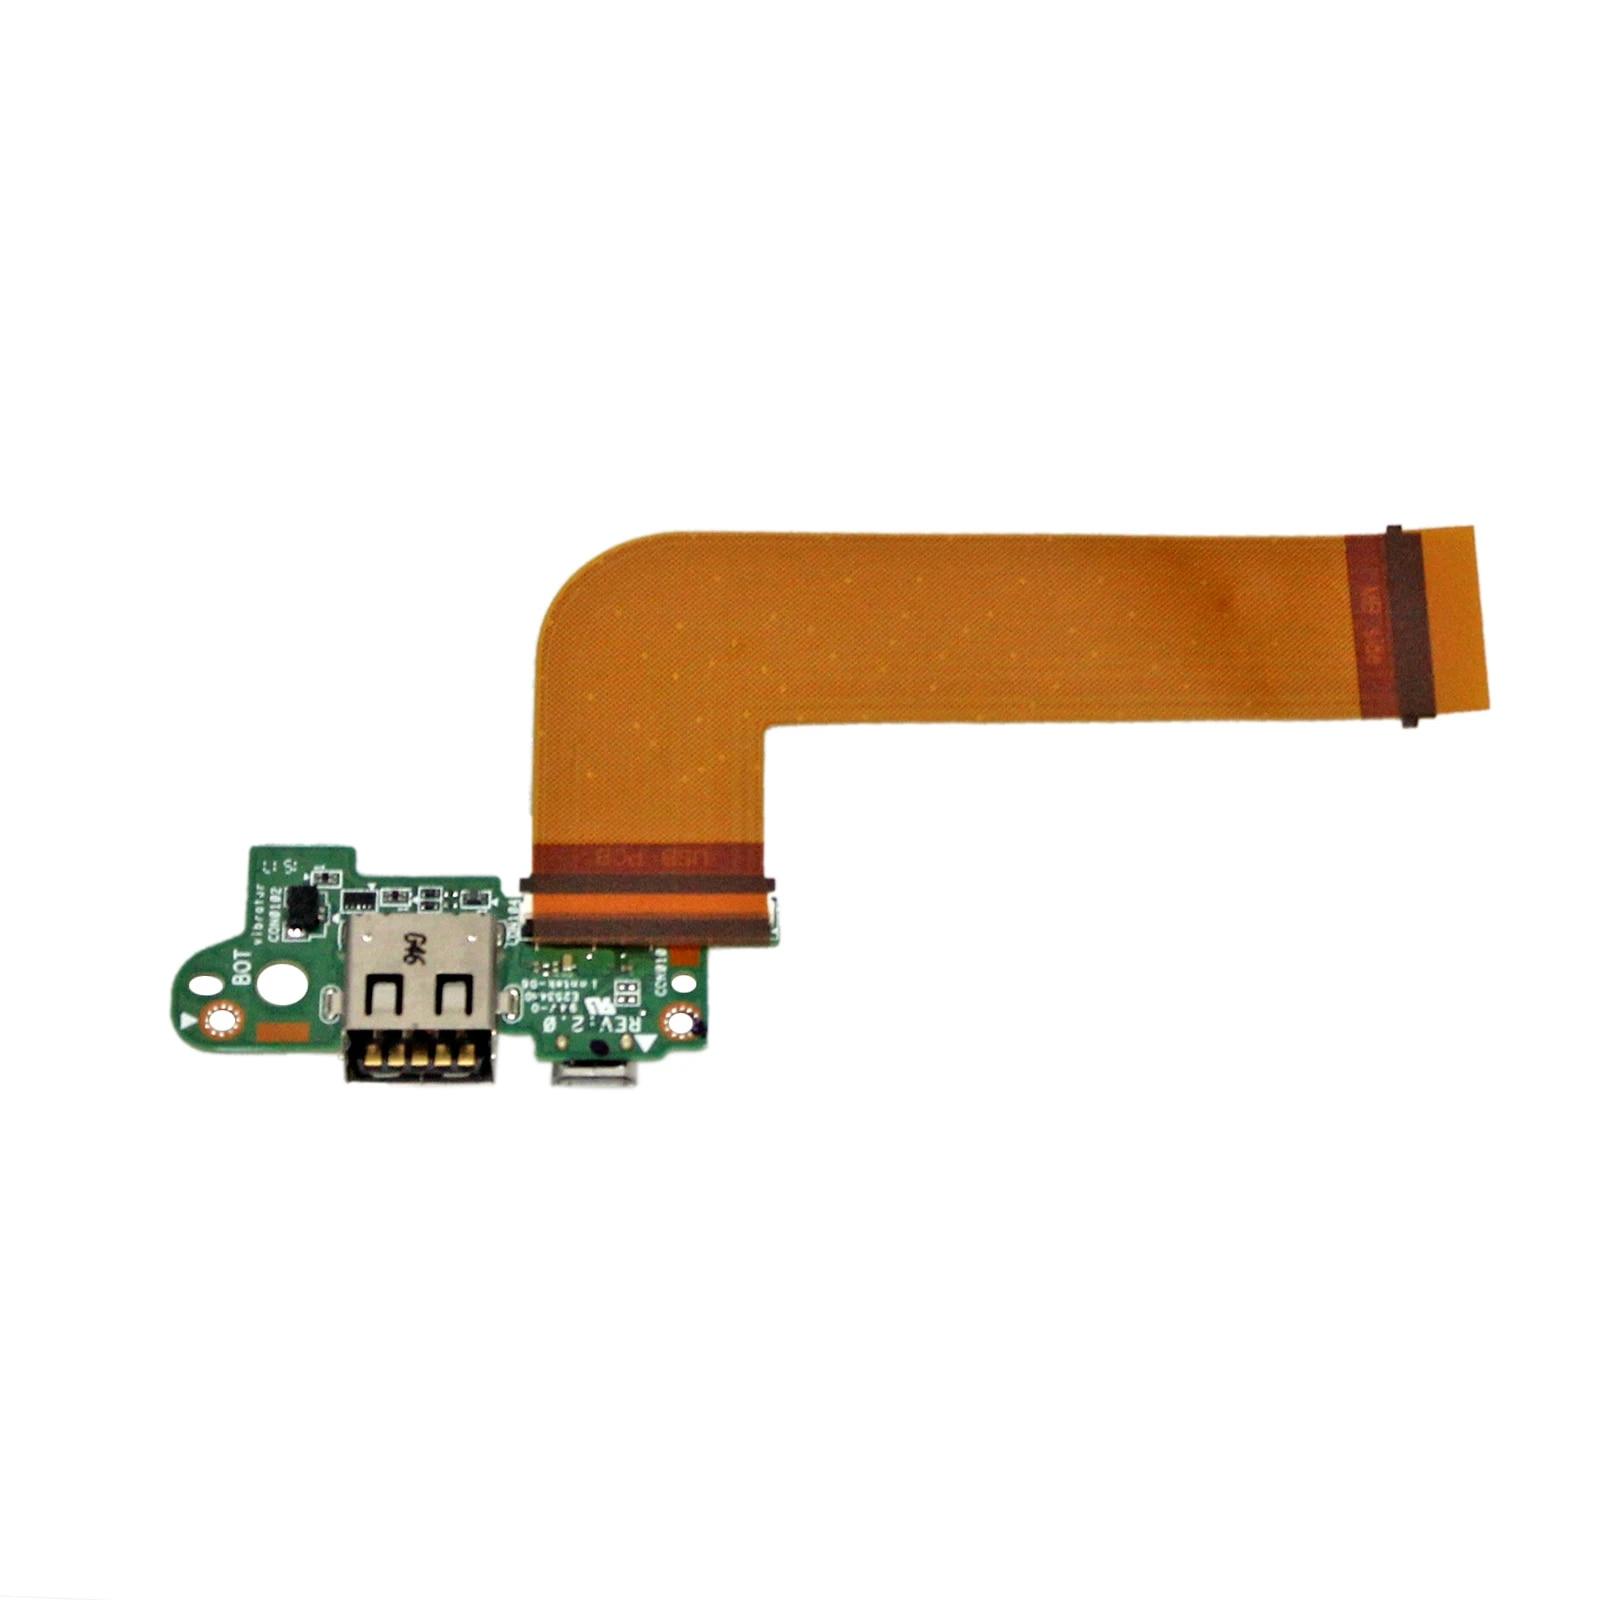 MLD-DB-USB Ladung port PCB Board FUR DELL VENUE 11 PRO T06G 5130 Tablet